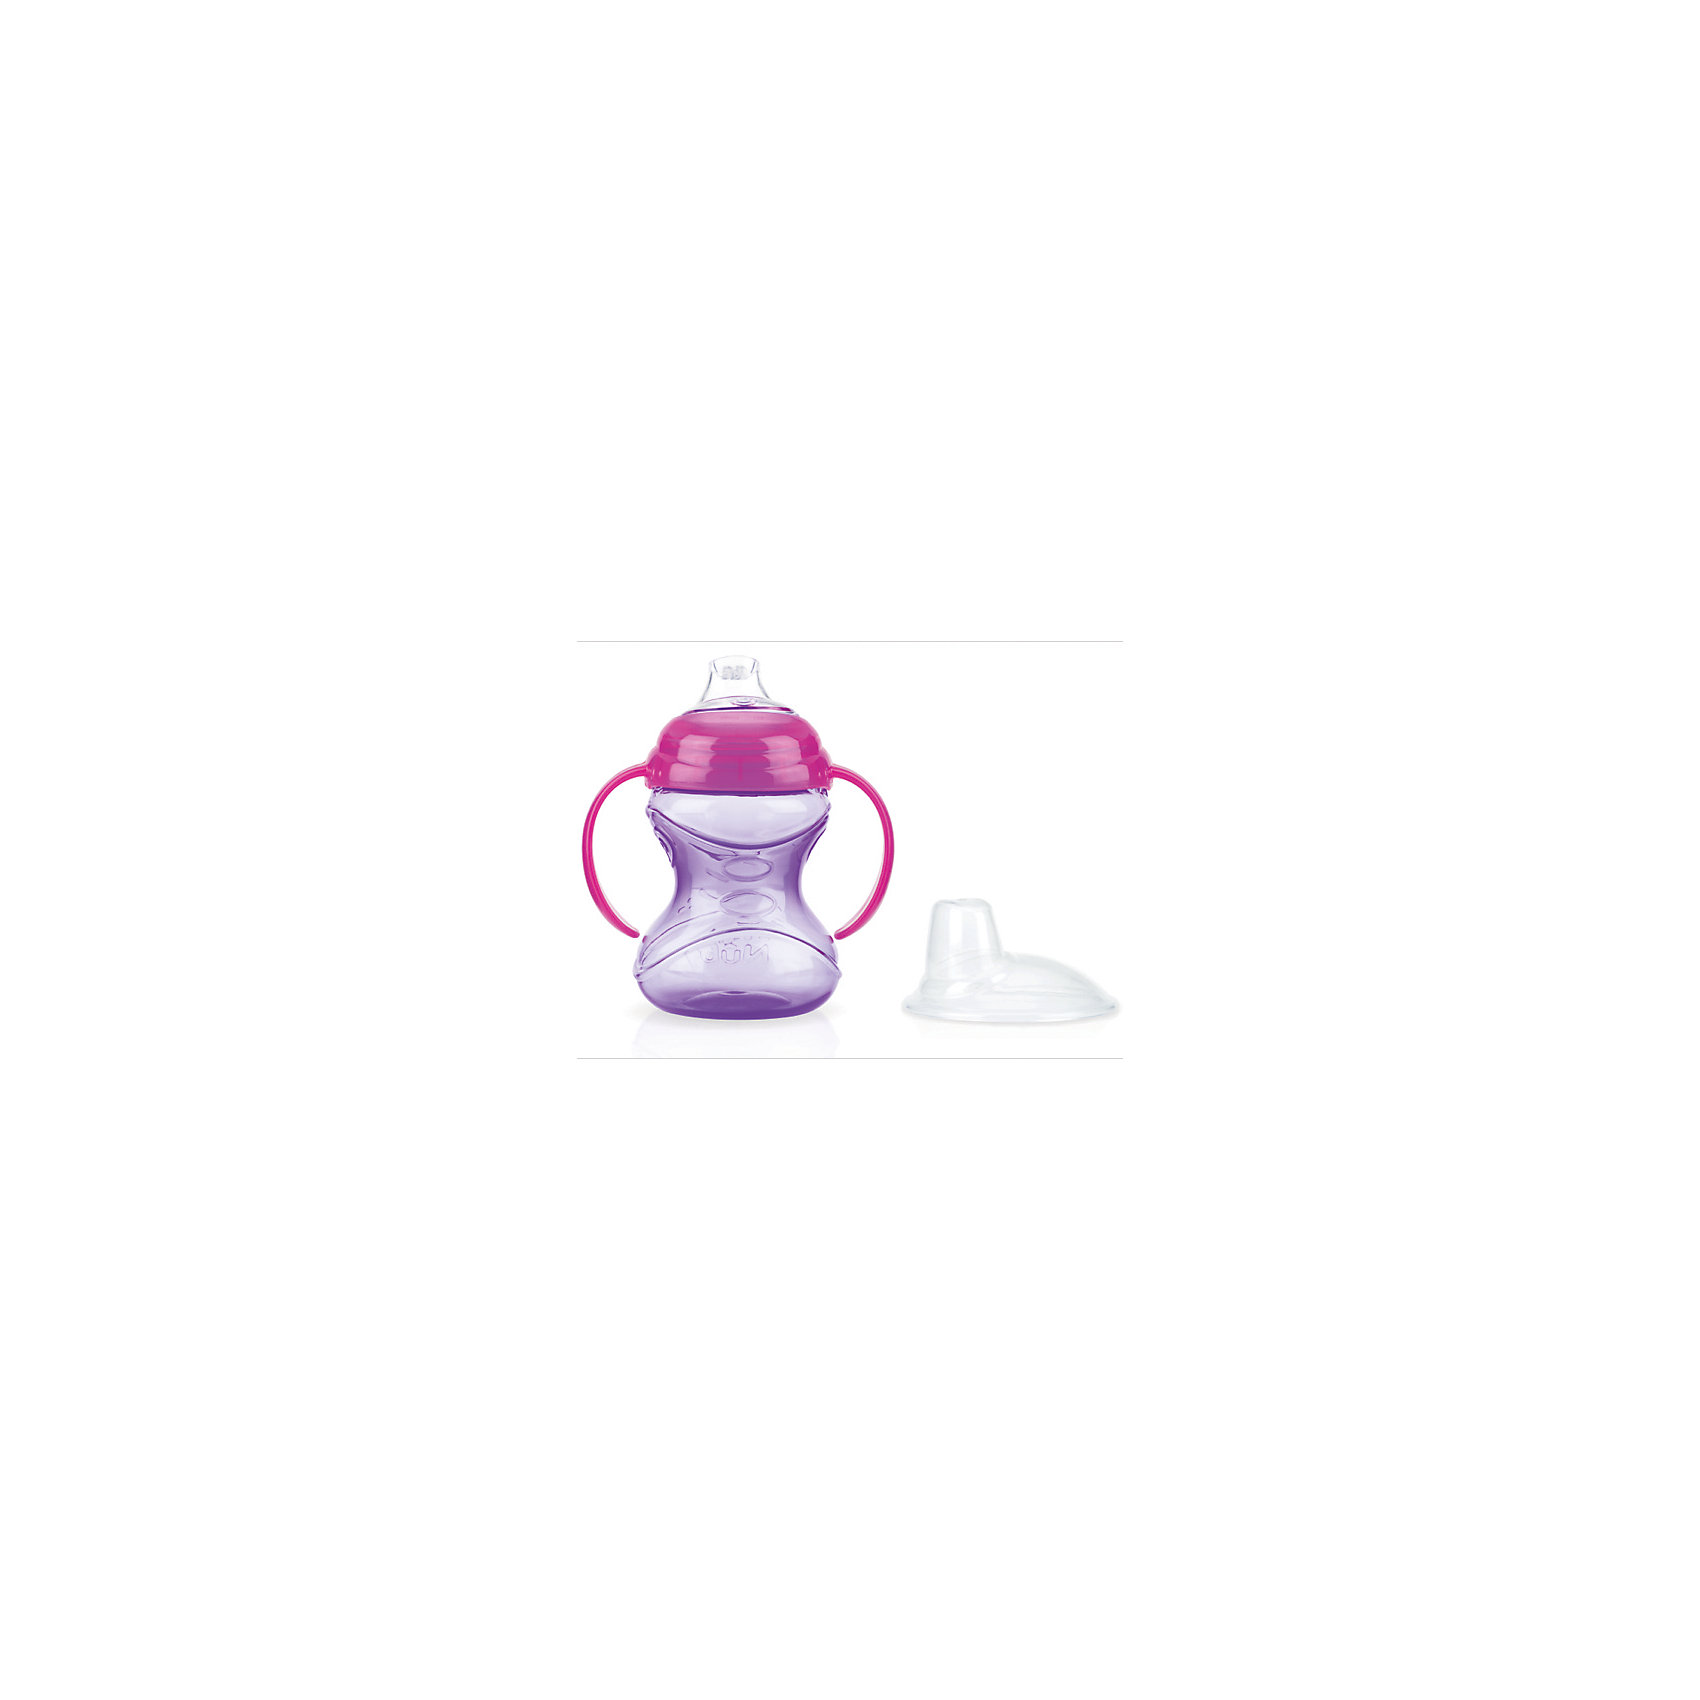 Поильник 240мл, Nuby, фиолетовыйПоильники<br>Эргономичный поильник удобен в использовании как для родителей, так и для очень маленьких детей. Процесс обучения ребенка самостоятельному питью станет легким, благодаря мягкому силиконовому носику и анатомической форме поильника. Эргономичные ручки позволяют ребенку надежно удерживать поильник в руках в процессе обучения самостоятельному питью. Особая система встроенного клапана предотвращает проливание. Благодаря уникальной технологии жидкость в носик поступает только в момент совершения малышом сосательных движений, что предотвращает протекание поильника. Мягкий носик не причинит беспокойства нежным деснам и зубкам ребенка.<br>Особенности:<br>Встроенный клапан-непроливайка<br>Безопасен для дёсен<br>Легко держать<br>Не содержит Бисфенол-А                                                                                                                                                                                                                                                  УХОД: Изделие можно безопасно мыть в посудомоечной машине на верхней полке или мыть в теплой воде с использованием мягкого жидкого мыла, а затем тщательно промывать в чистой воде. Во избежание травм не позволяйте ребенку гулять и бегать с поильником. Никогда не наливайте в поильник газированные напитки; возникающее давление может привести к протеканию. Никогда не оставляйте ребенка без присмотра во время использования им этого или иного детского изделия. Всегда проверяйте температуру жидкости перед кормлением.<br>Изделие изготовлено из безопасных, долговечных, нетоксичных материалов. Сертифицировано в России. Соответствует всем требованиям ГОСТ и СанПиН.<br><br>Ширина мм: 120<br>Глубина мм: 180<br>Высота мм: 170<br>Вес г: 95<br>Возраст от месяцев: 12<br>Возраст до месяцев: 36<br>Пол: Унисекс<br>Возраст: Детский<br>SKU: 4849909